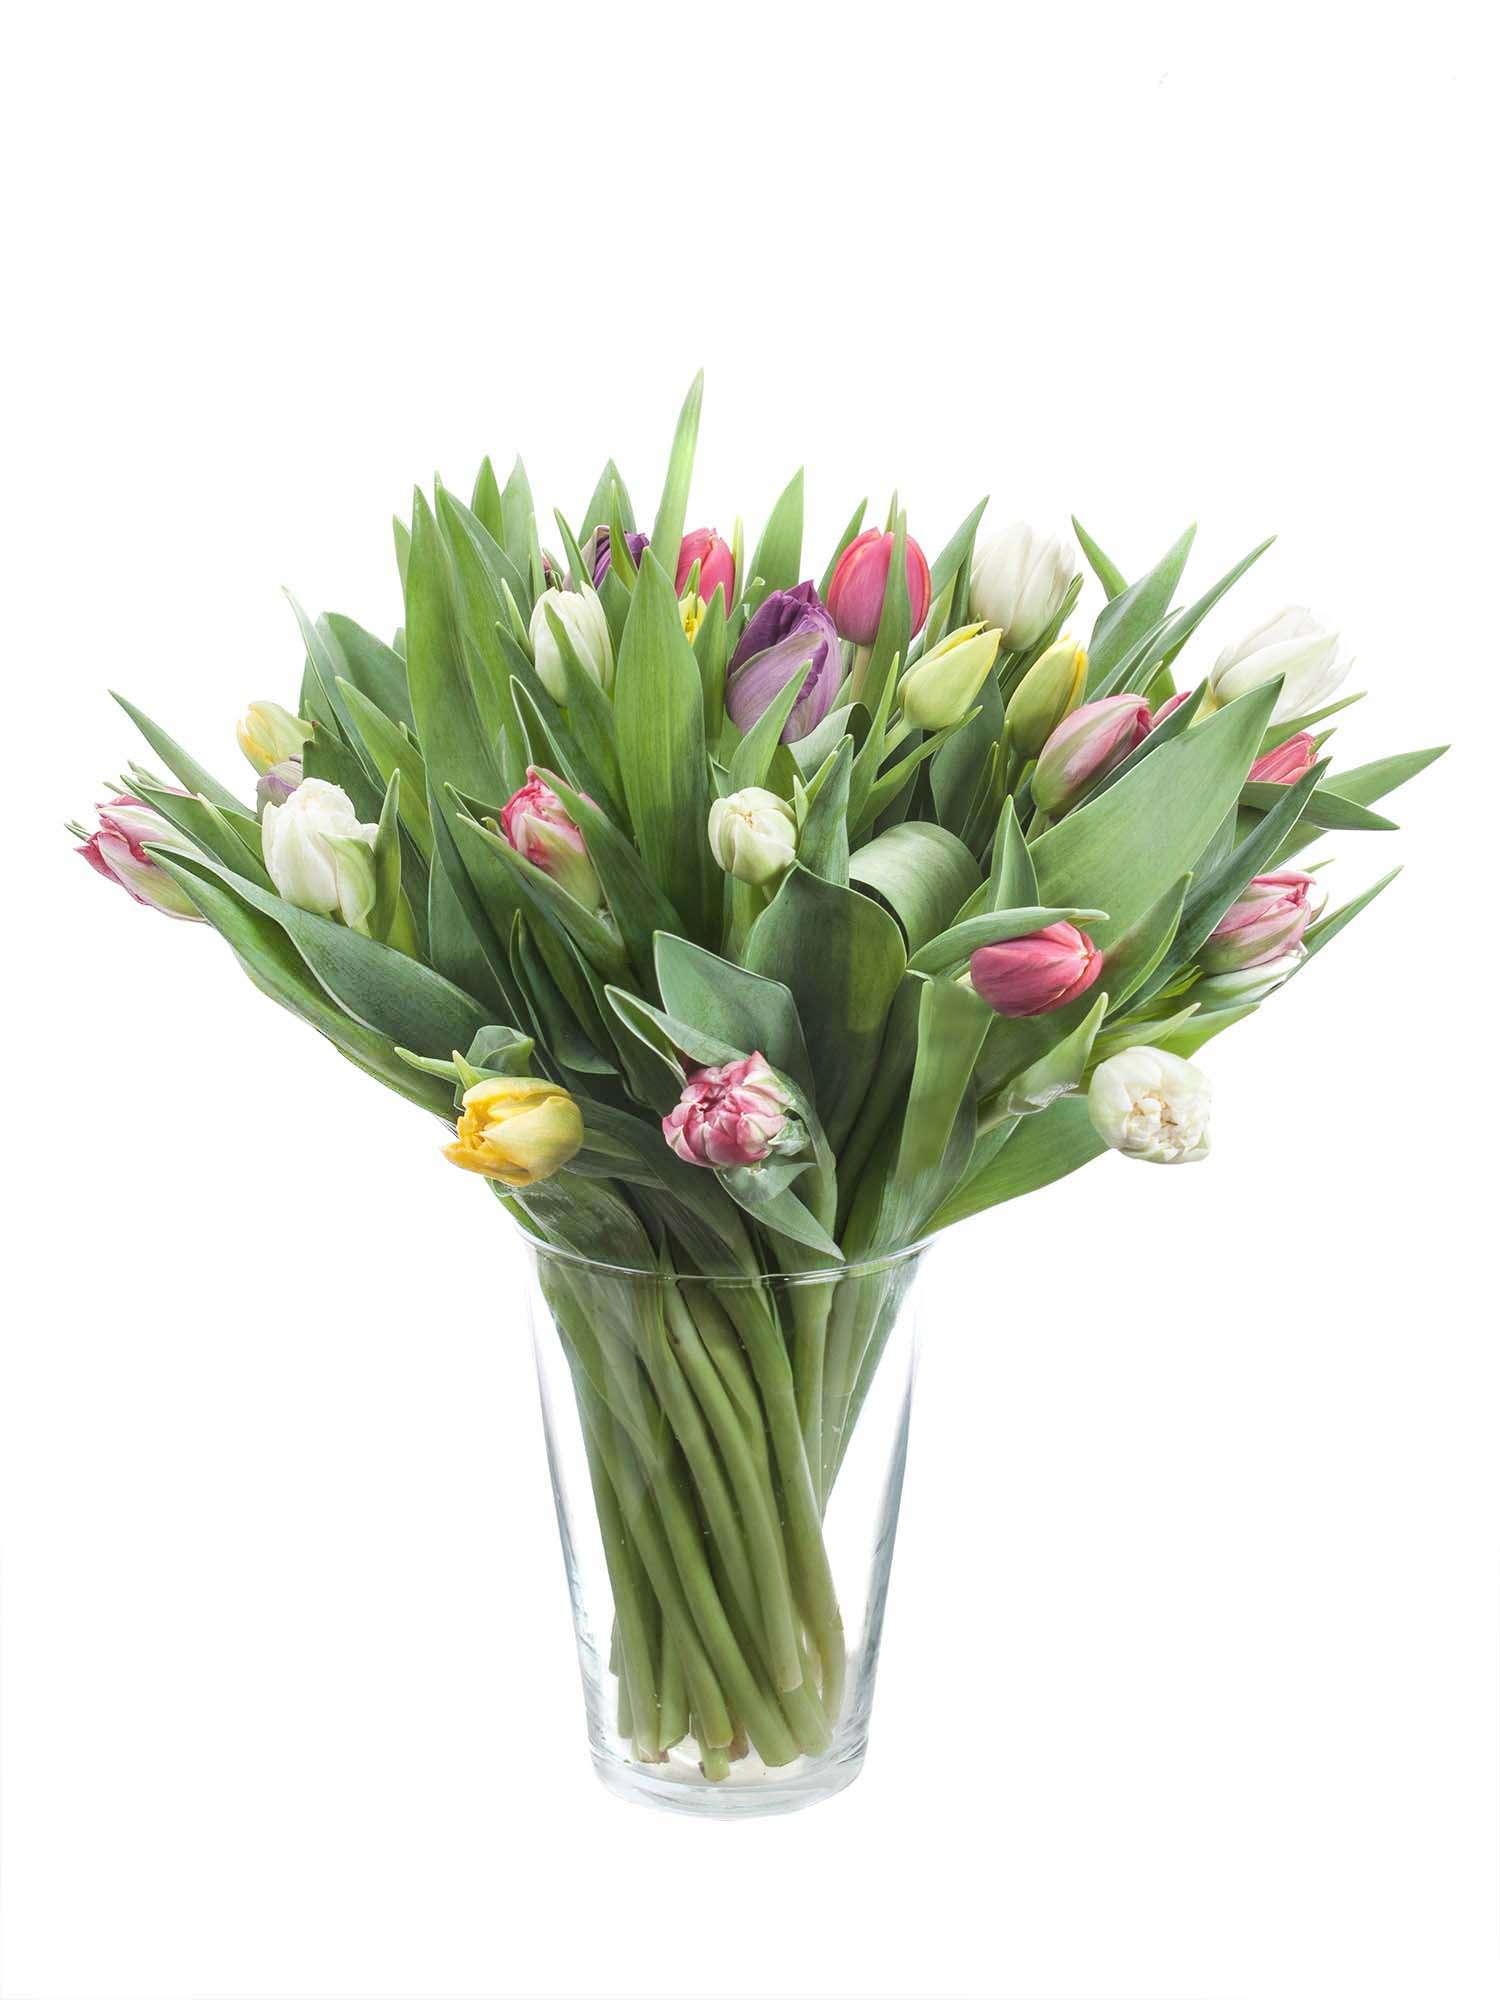 50 Tulpen Exklusiv überraschungsmix Bestellen Blumigo